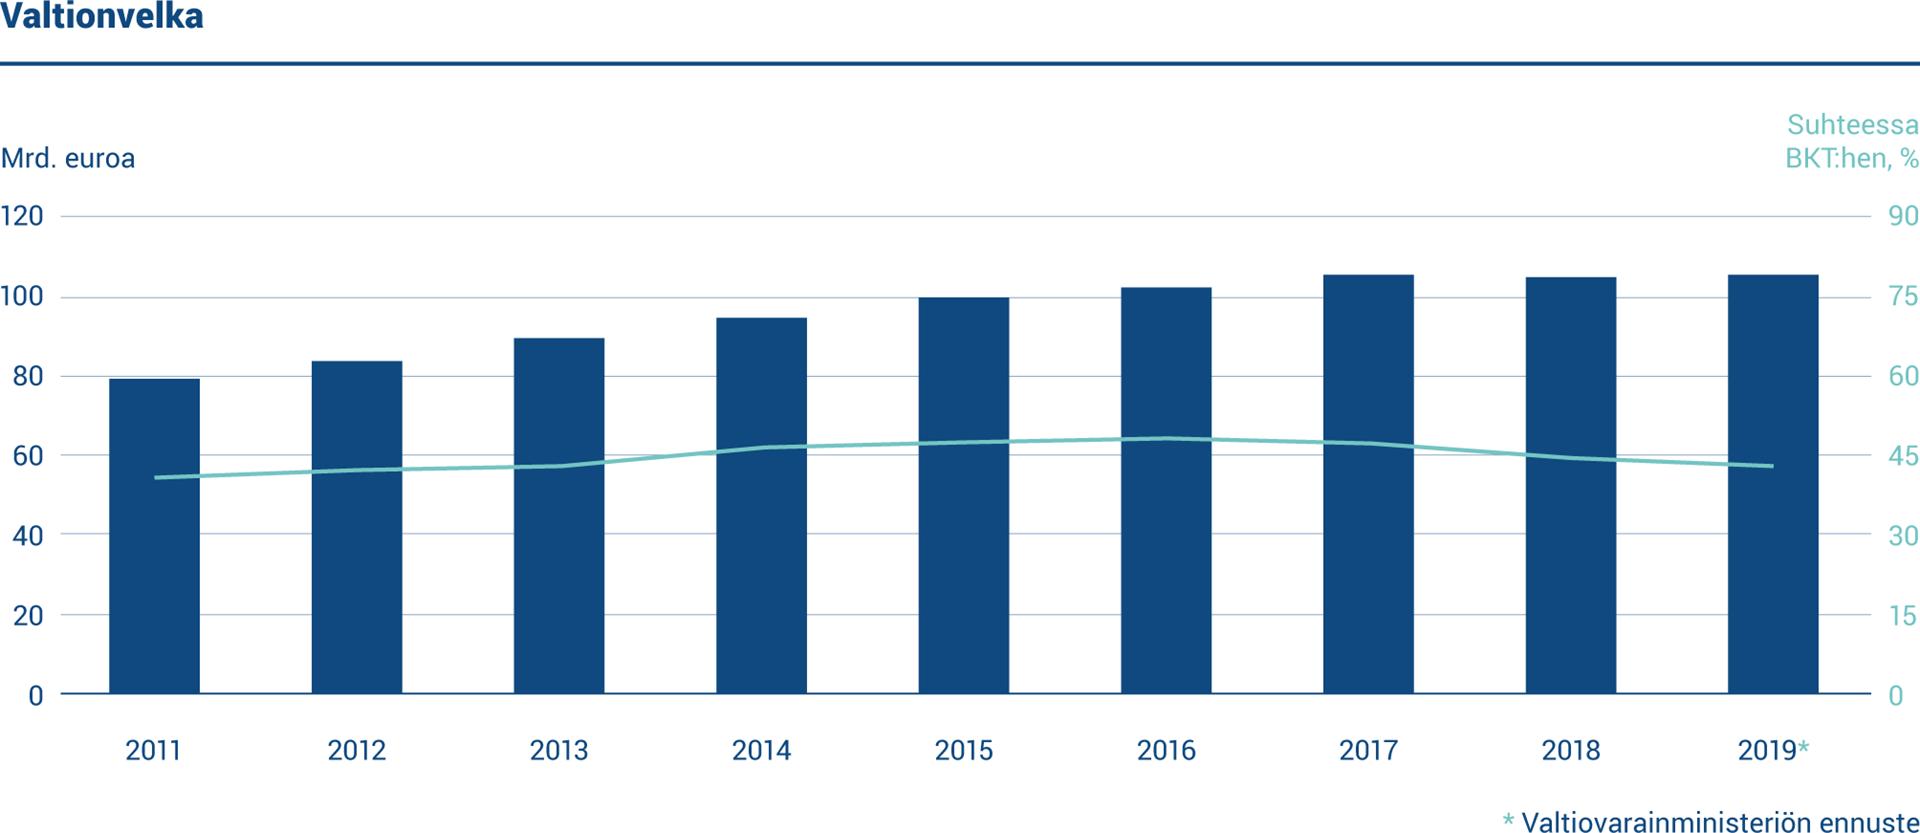 Kaaviossa esitetään Suomen valtionvelan määrä ja suhde bruttokansantuotteeseen vuosina 2011–2019. Valtionvelka oli 106,4 miljardia euroa vuoden 2019 lopussa. Velan suhde bruttokansantuotteeseen oli 44 prosenttia.